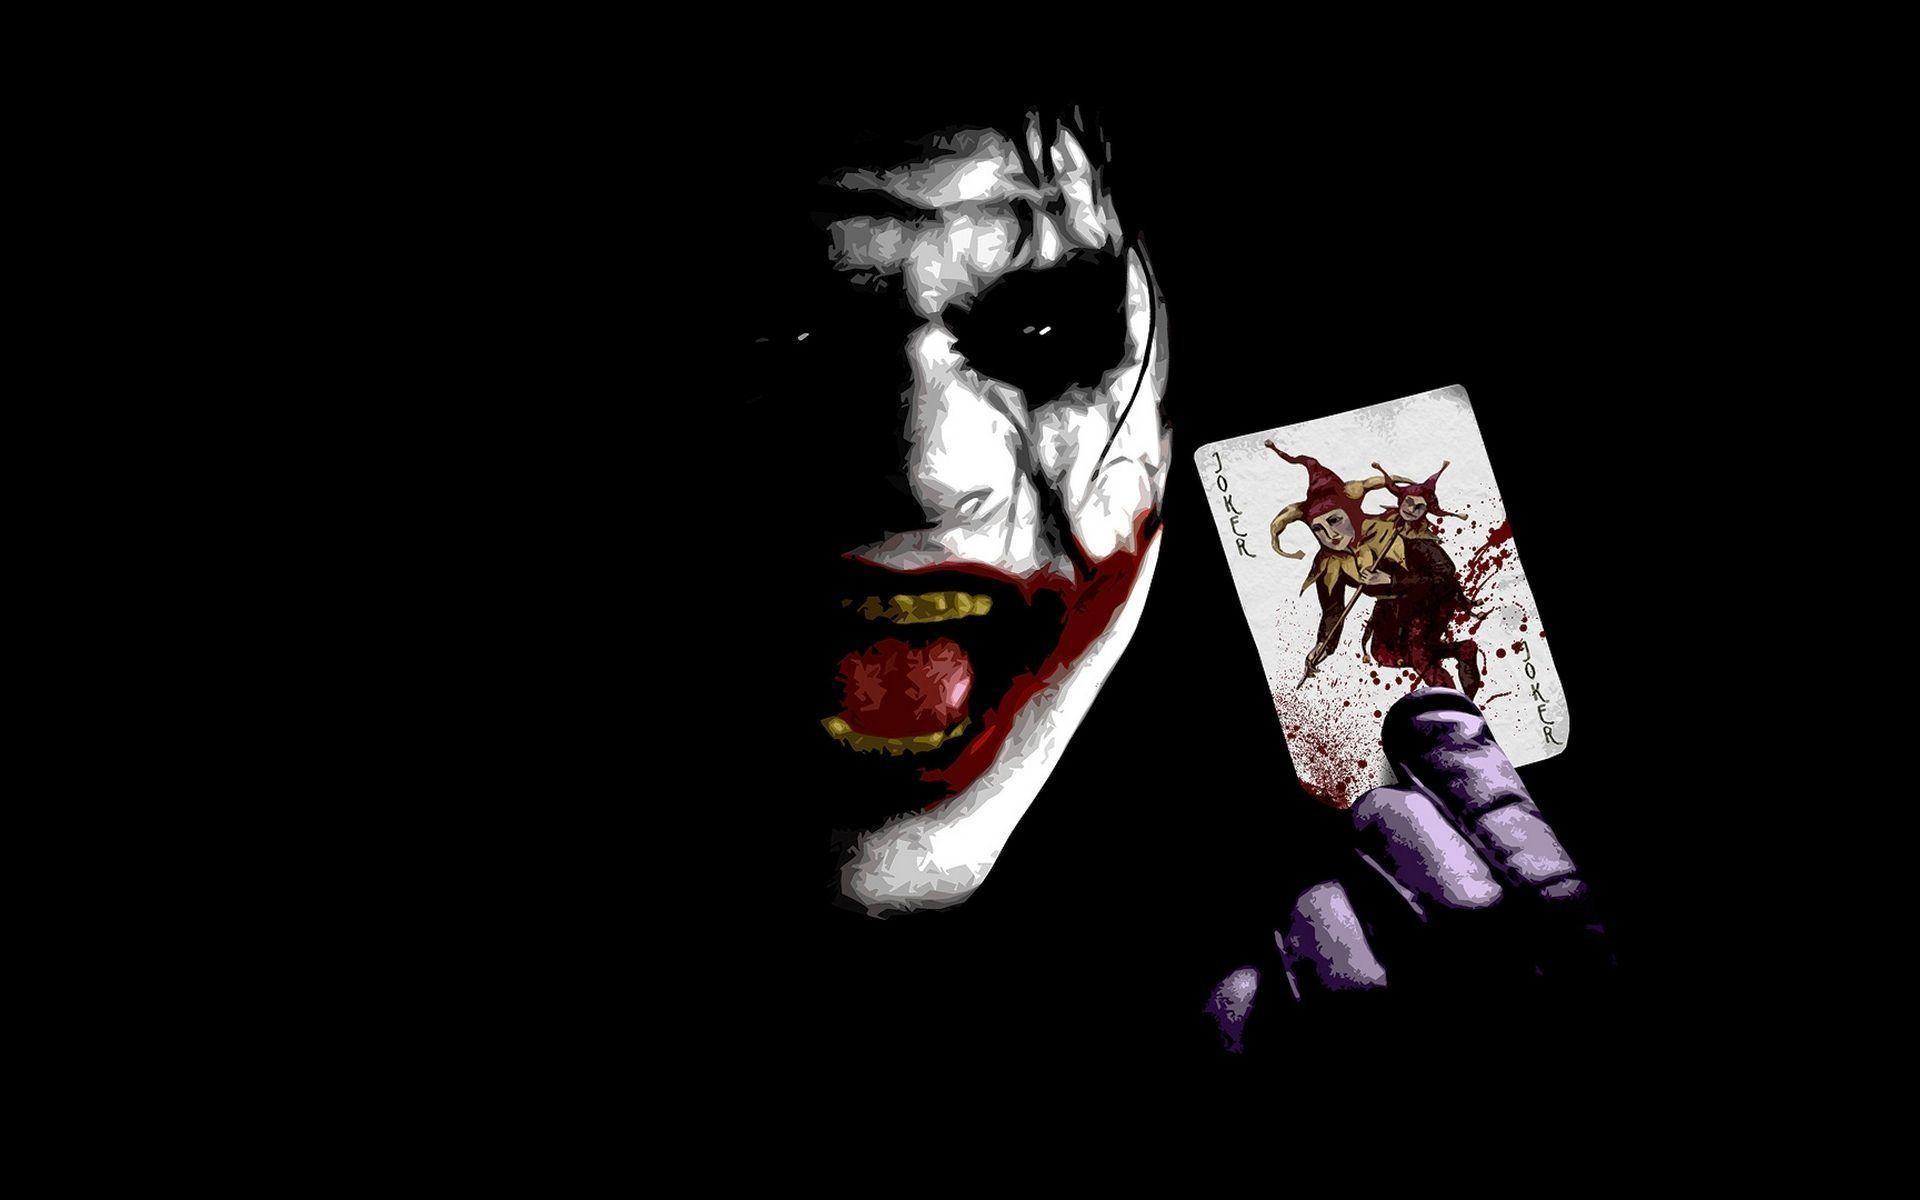 1920x1200 Scary Clown Wallpaper Fantasy Art Teeth Fan